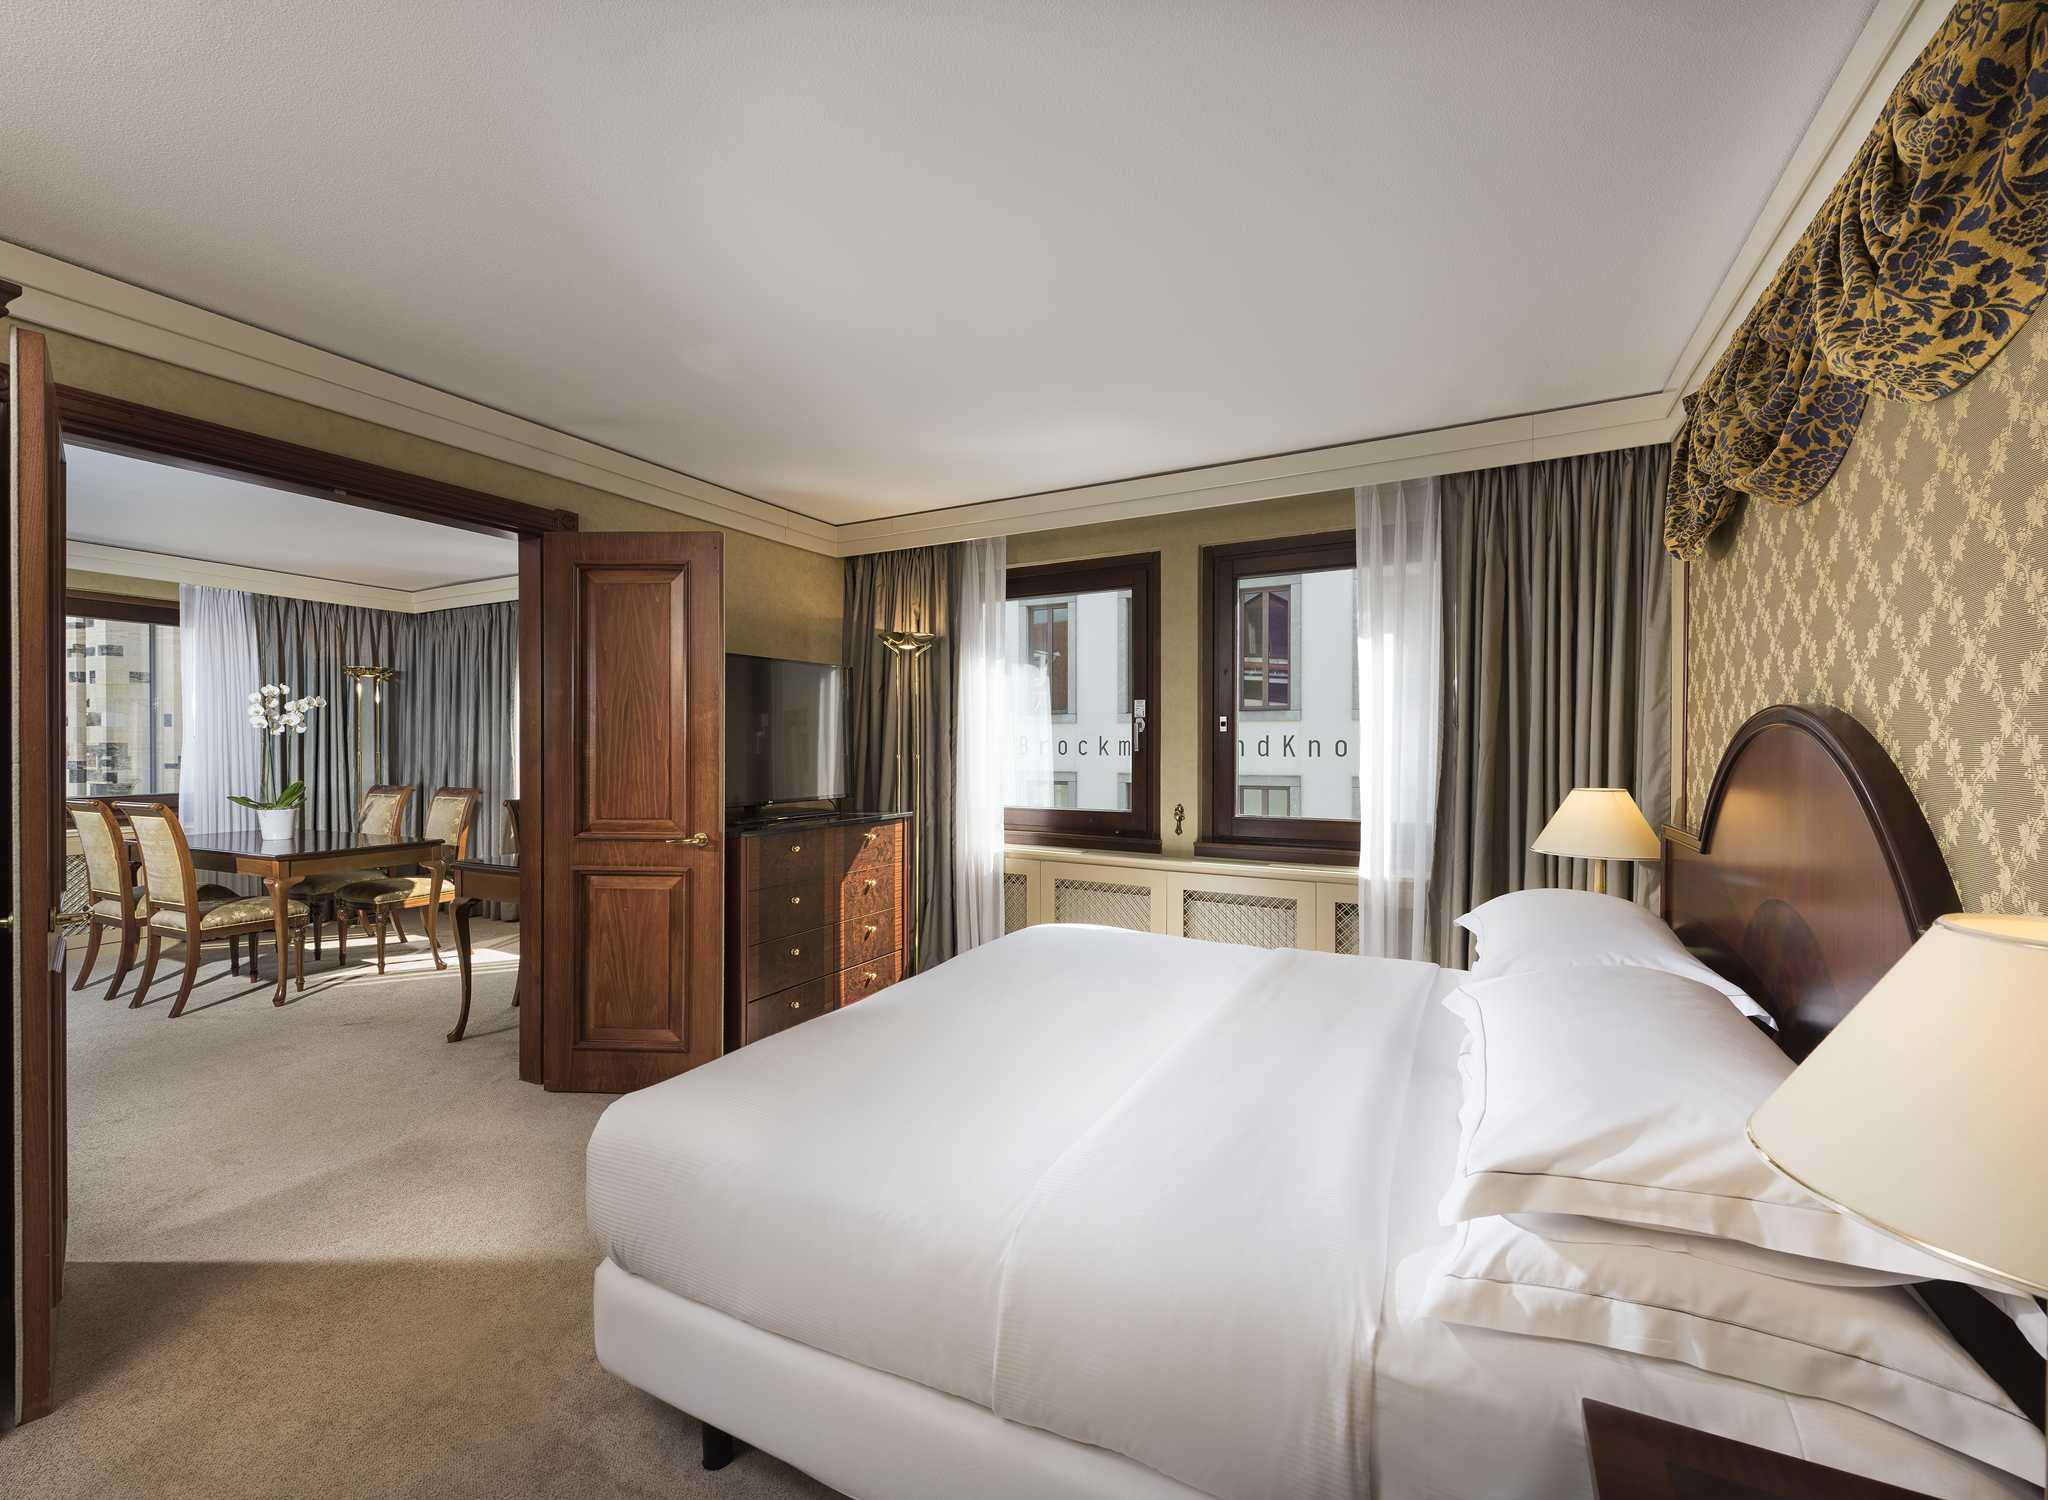 Hilton dresden hotels an der frauenkirche in dresden for Hotelzimmer dresden